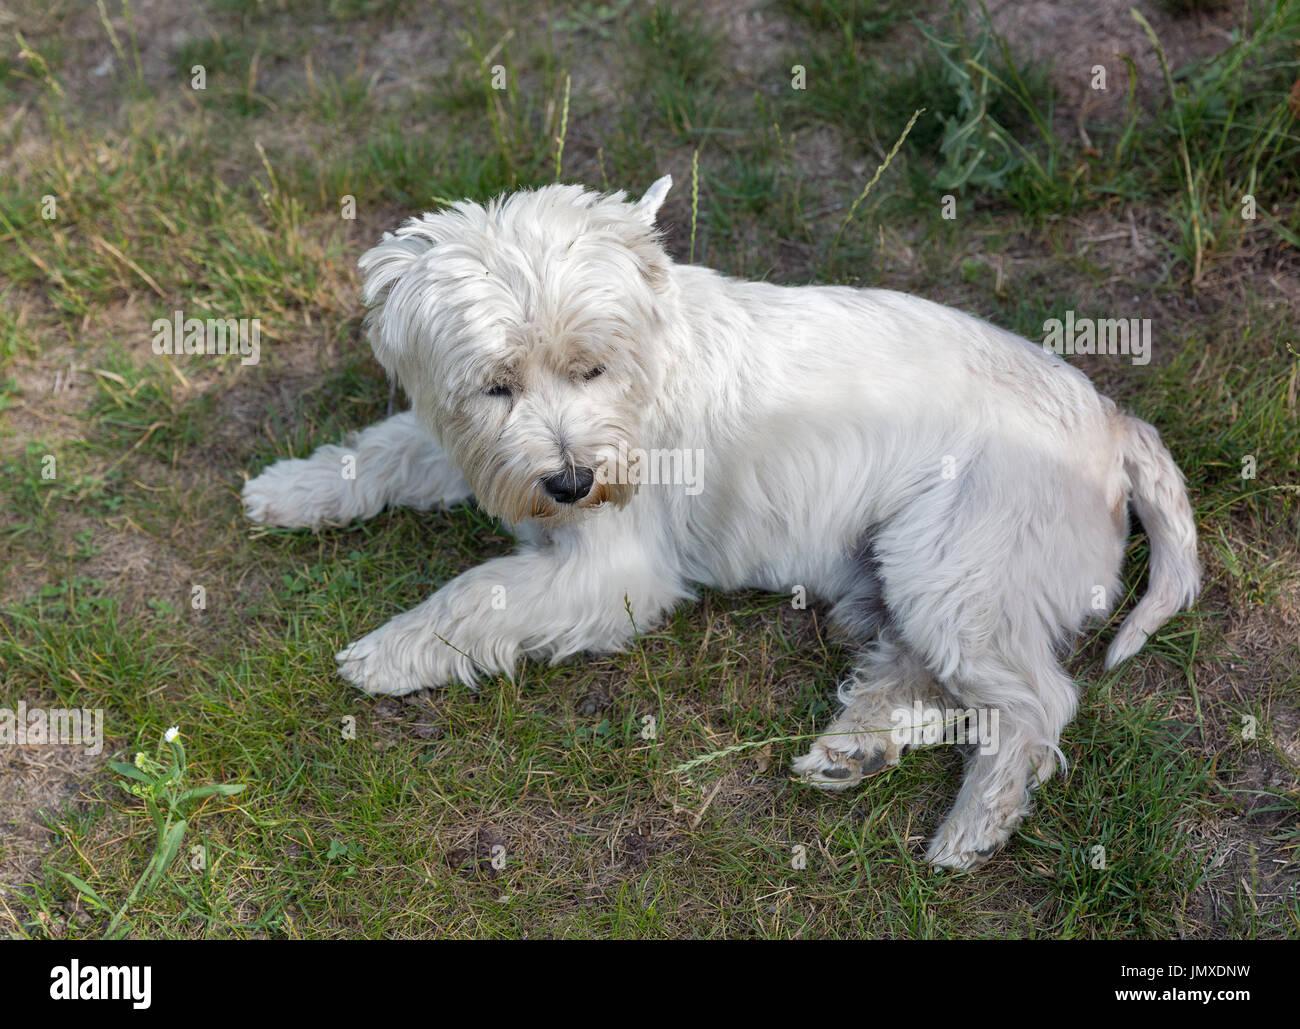 Perro westie se encuentra en la planta closeup. West Highland White Terrier, conocido comúnmente como el Westie, una raza de perro de Escocia. Foto de stock